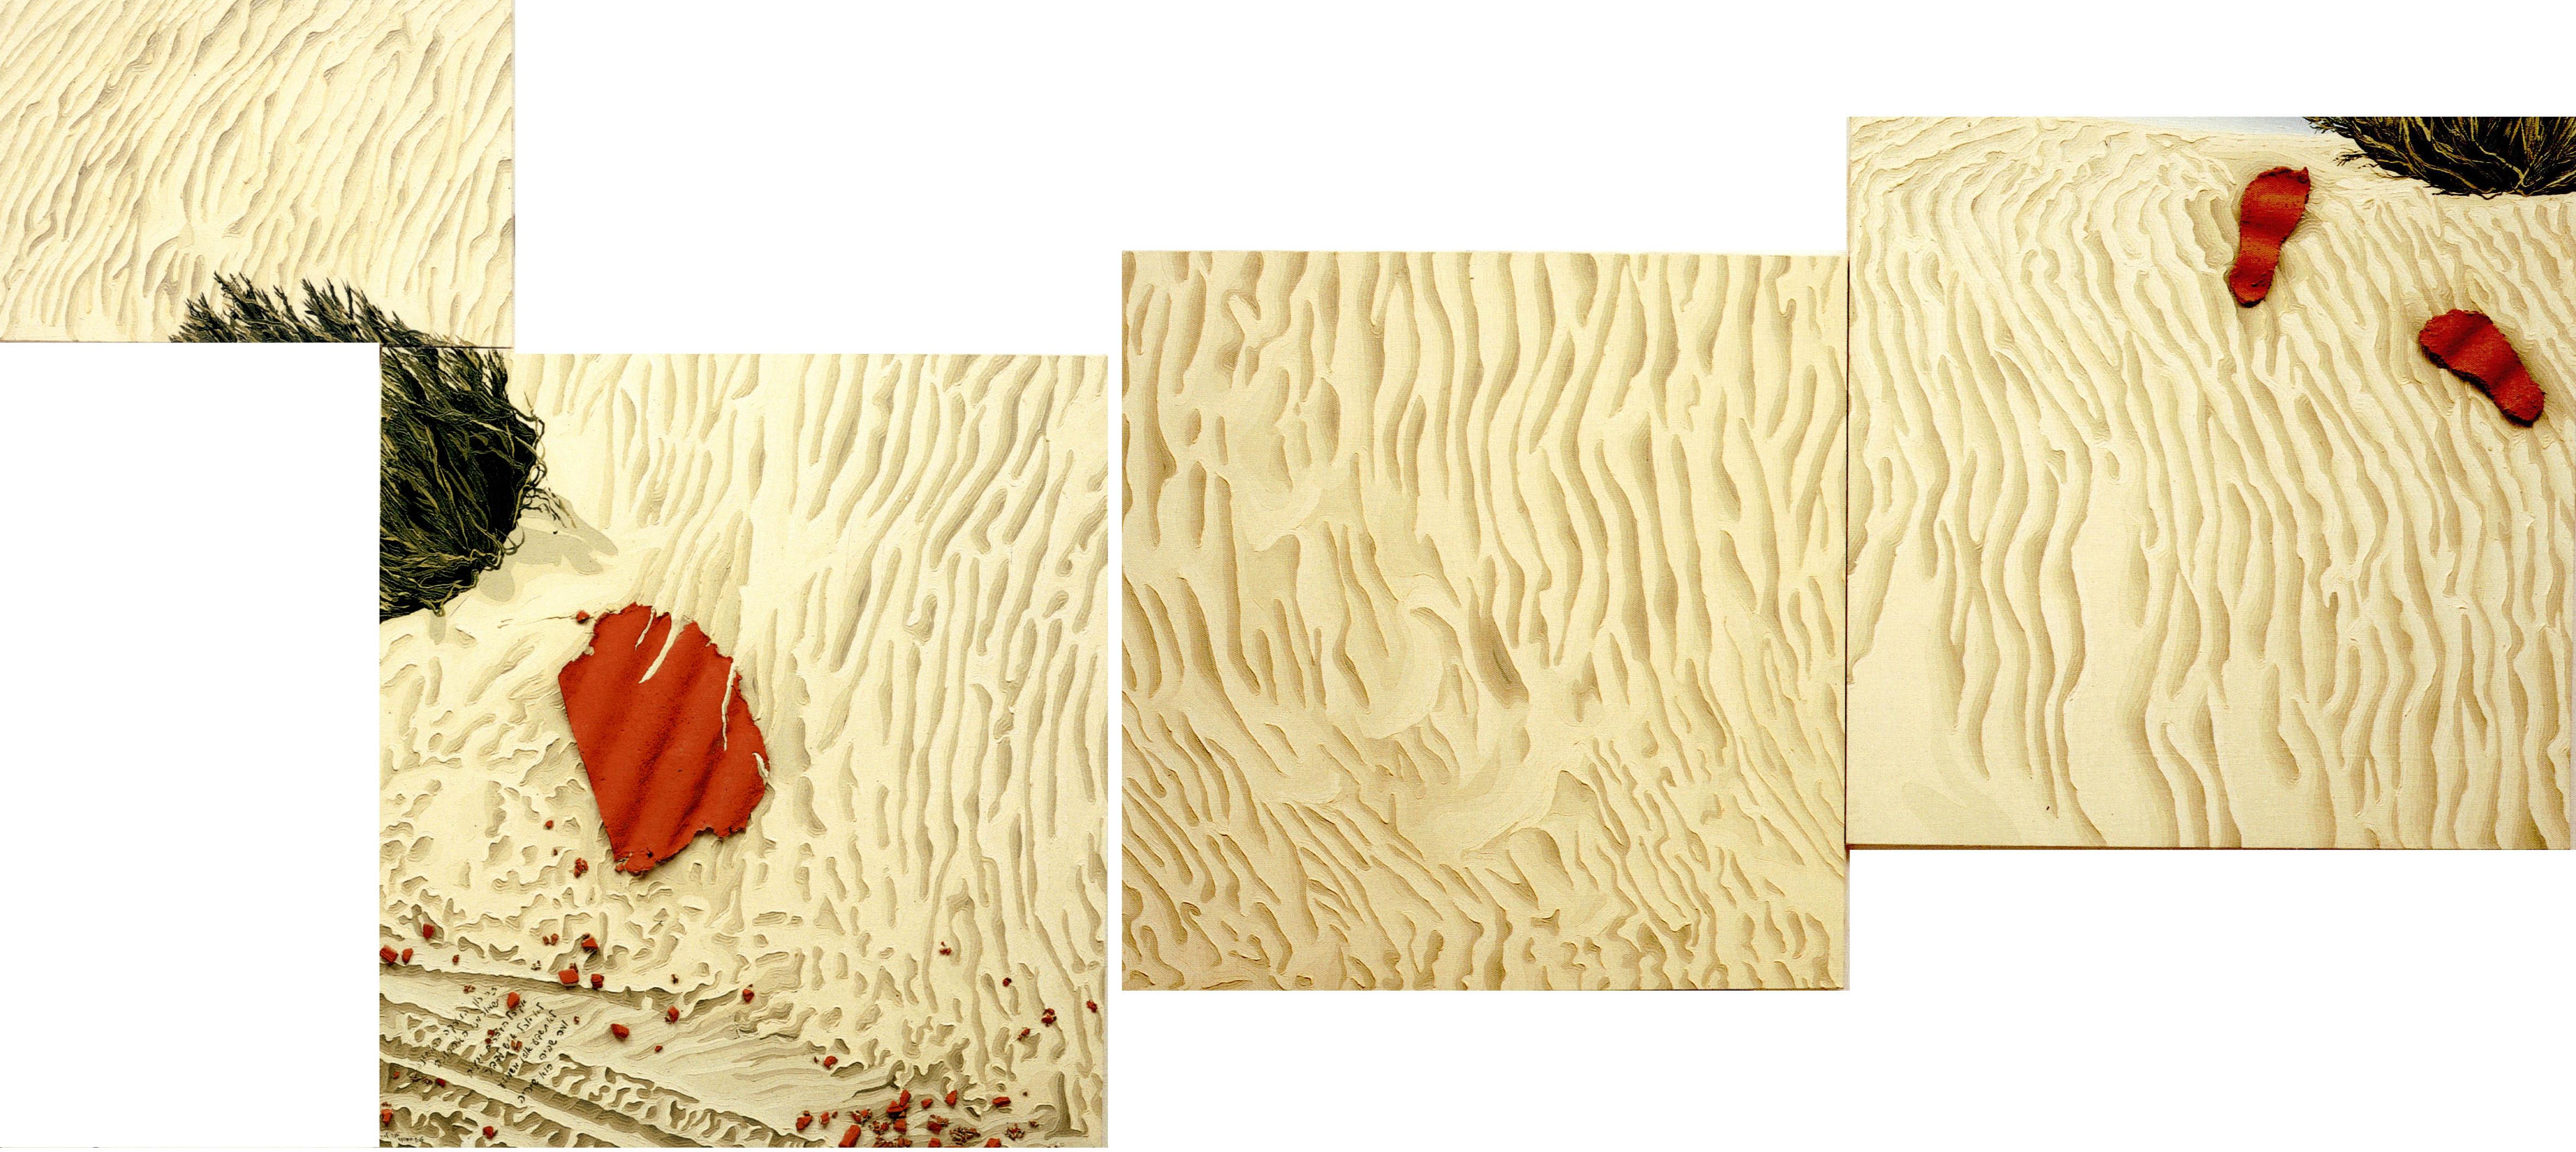 189 - Oil on canvas 150X360 cm.jpg